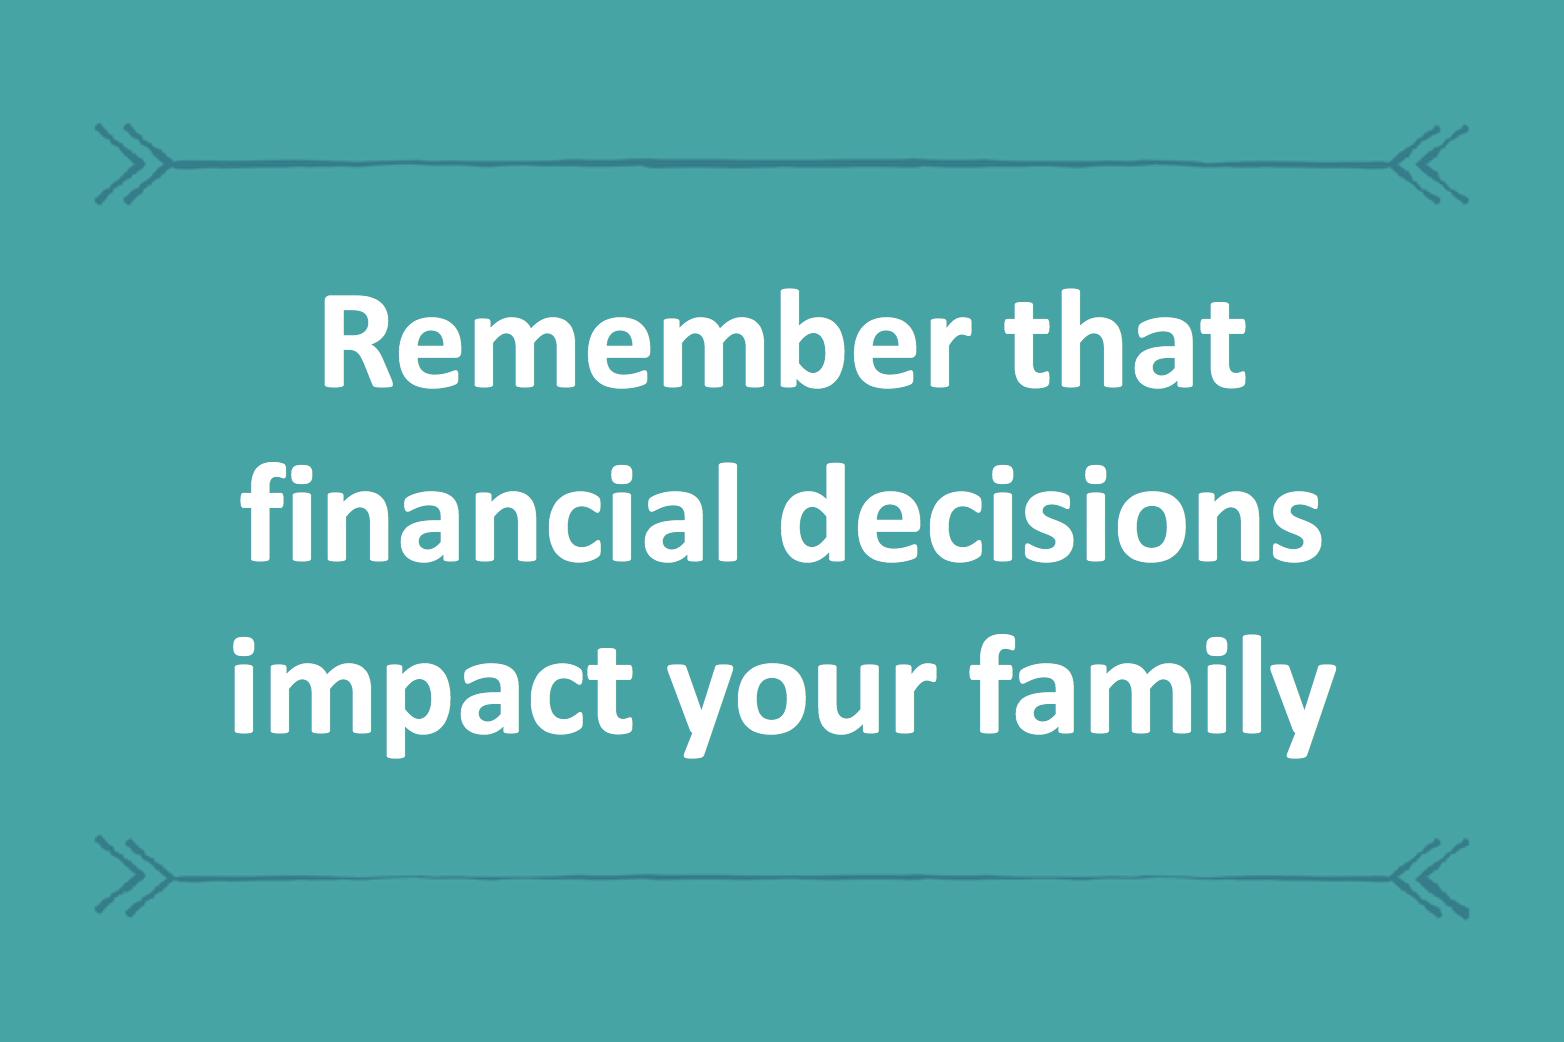 Family financials